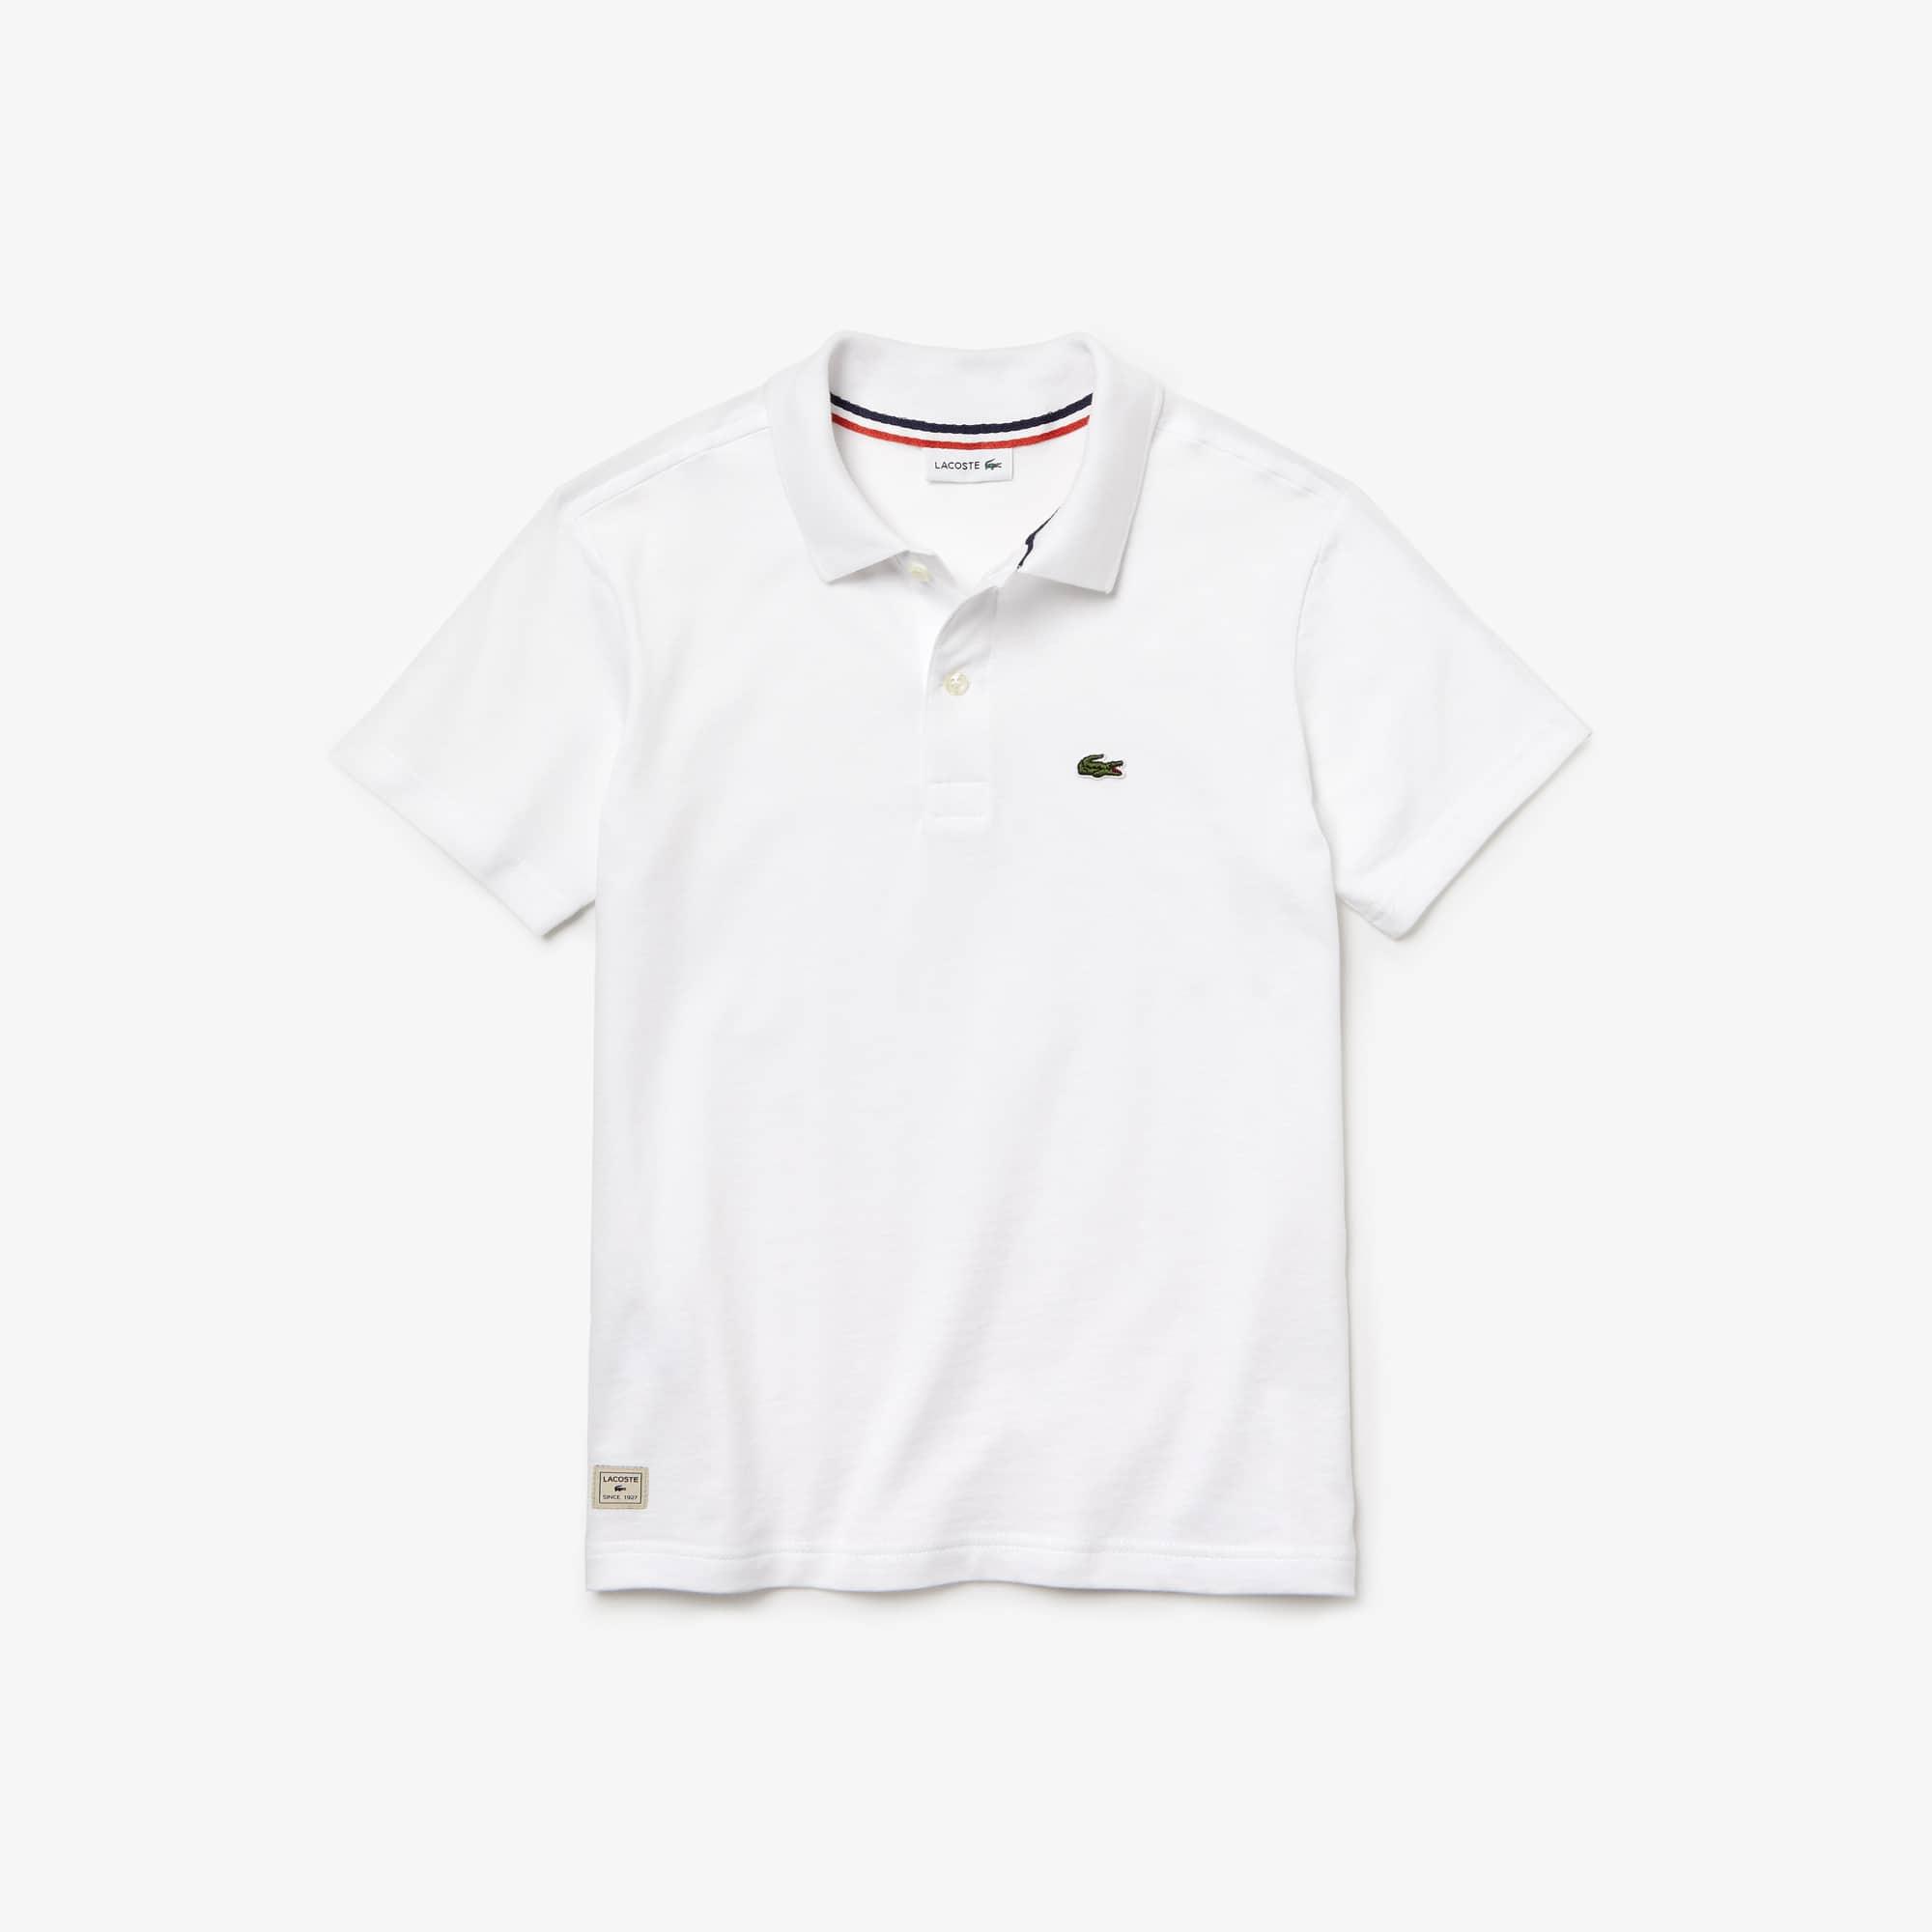 49a01dab2fd5d Camisa Polo Lacoste Infantil Masculina em Jérsei de Algodão